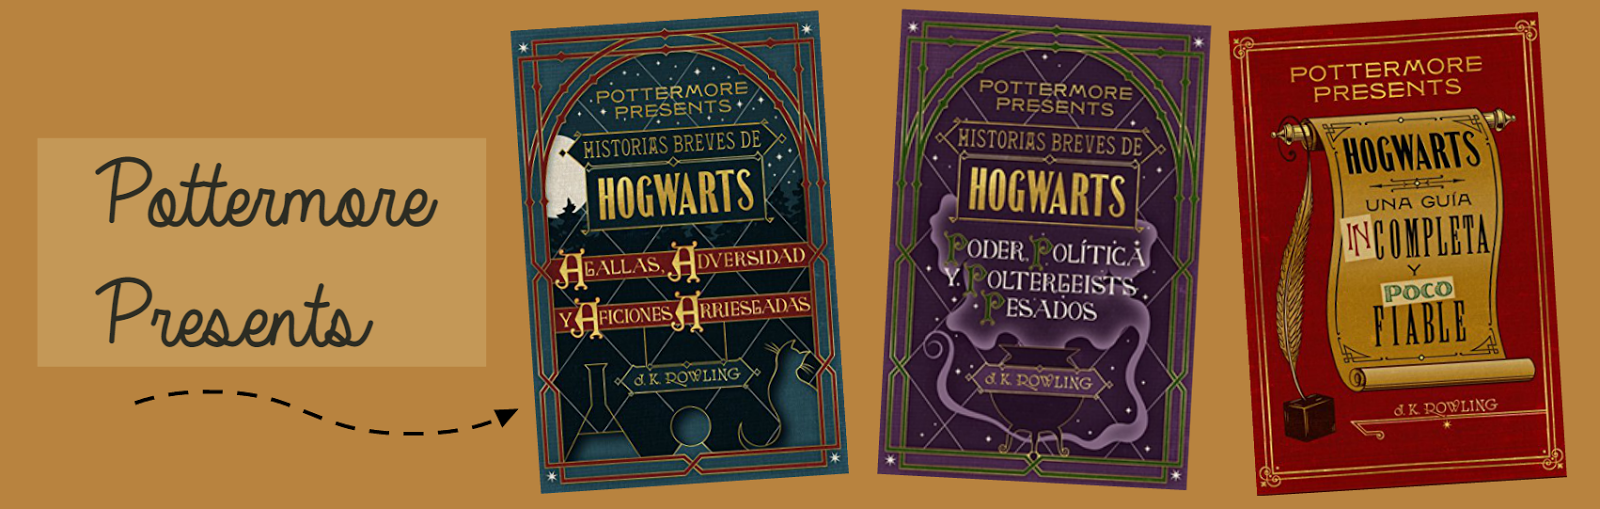 El pasado año fue un año muy potterico. Los fans de la saga no solo pudimos  disfrutar del guión de la obra de teatro (Harry Potter y el legado  maldito), ...